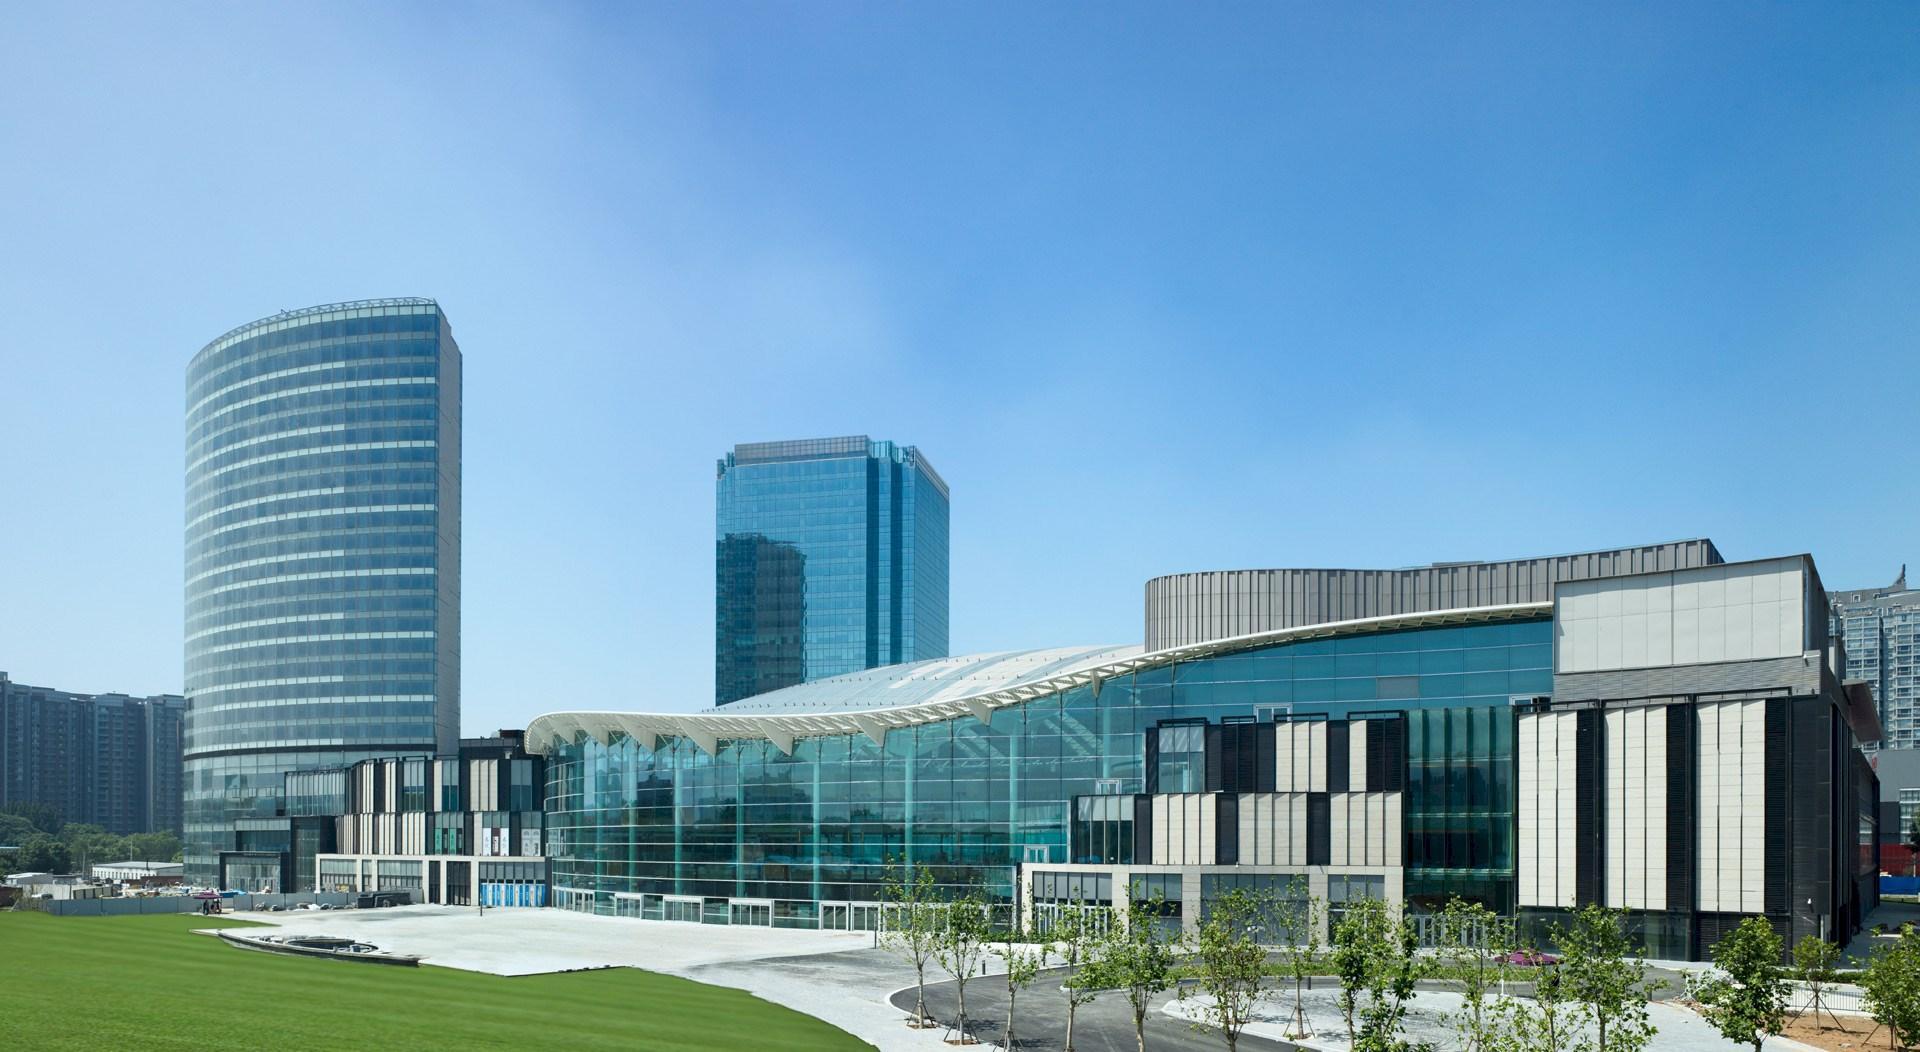 Benoy's INDIGO Opens in Beijing